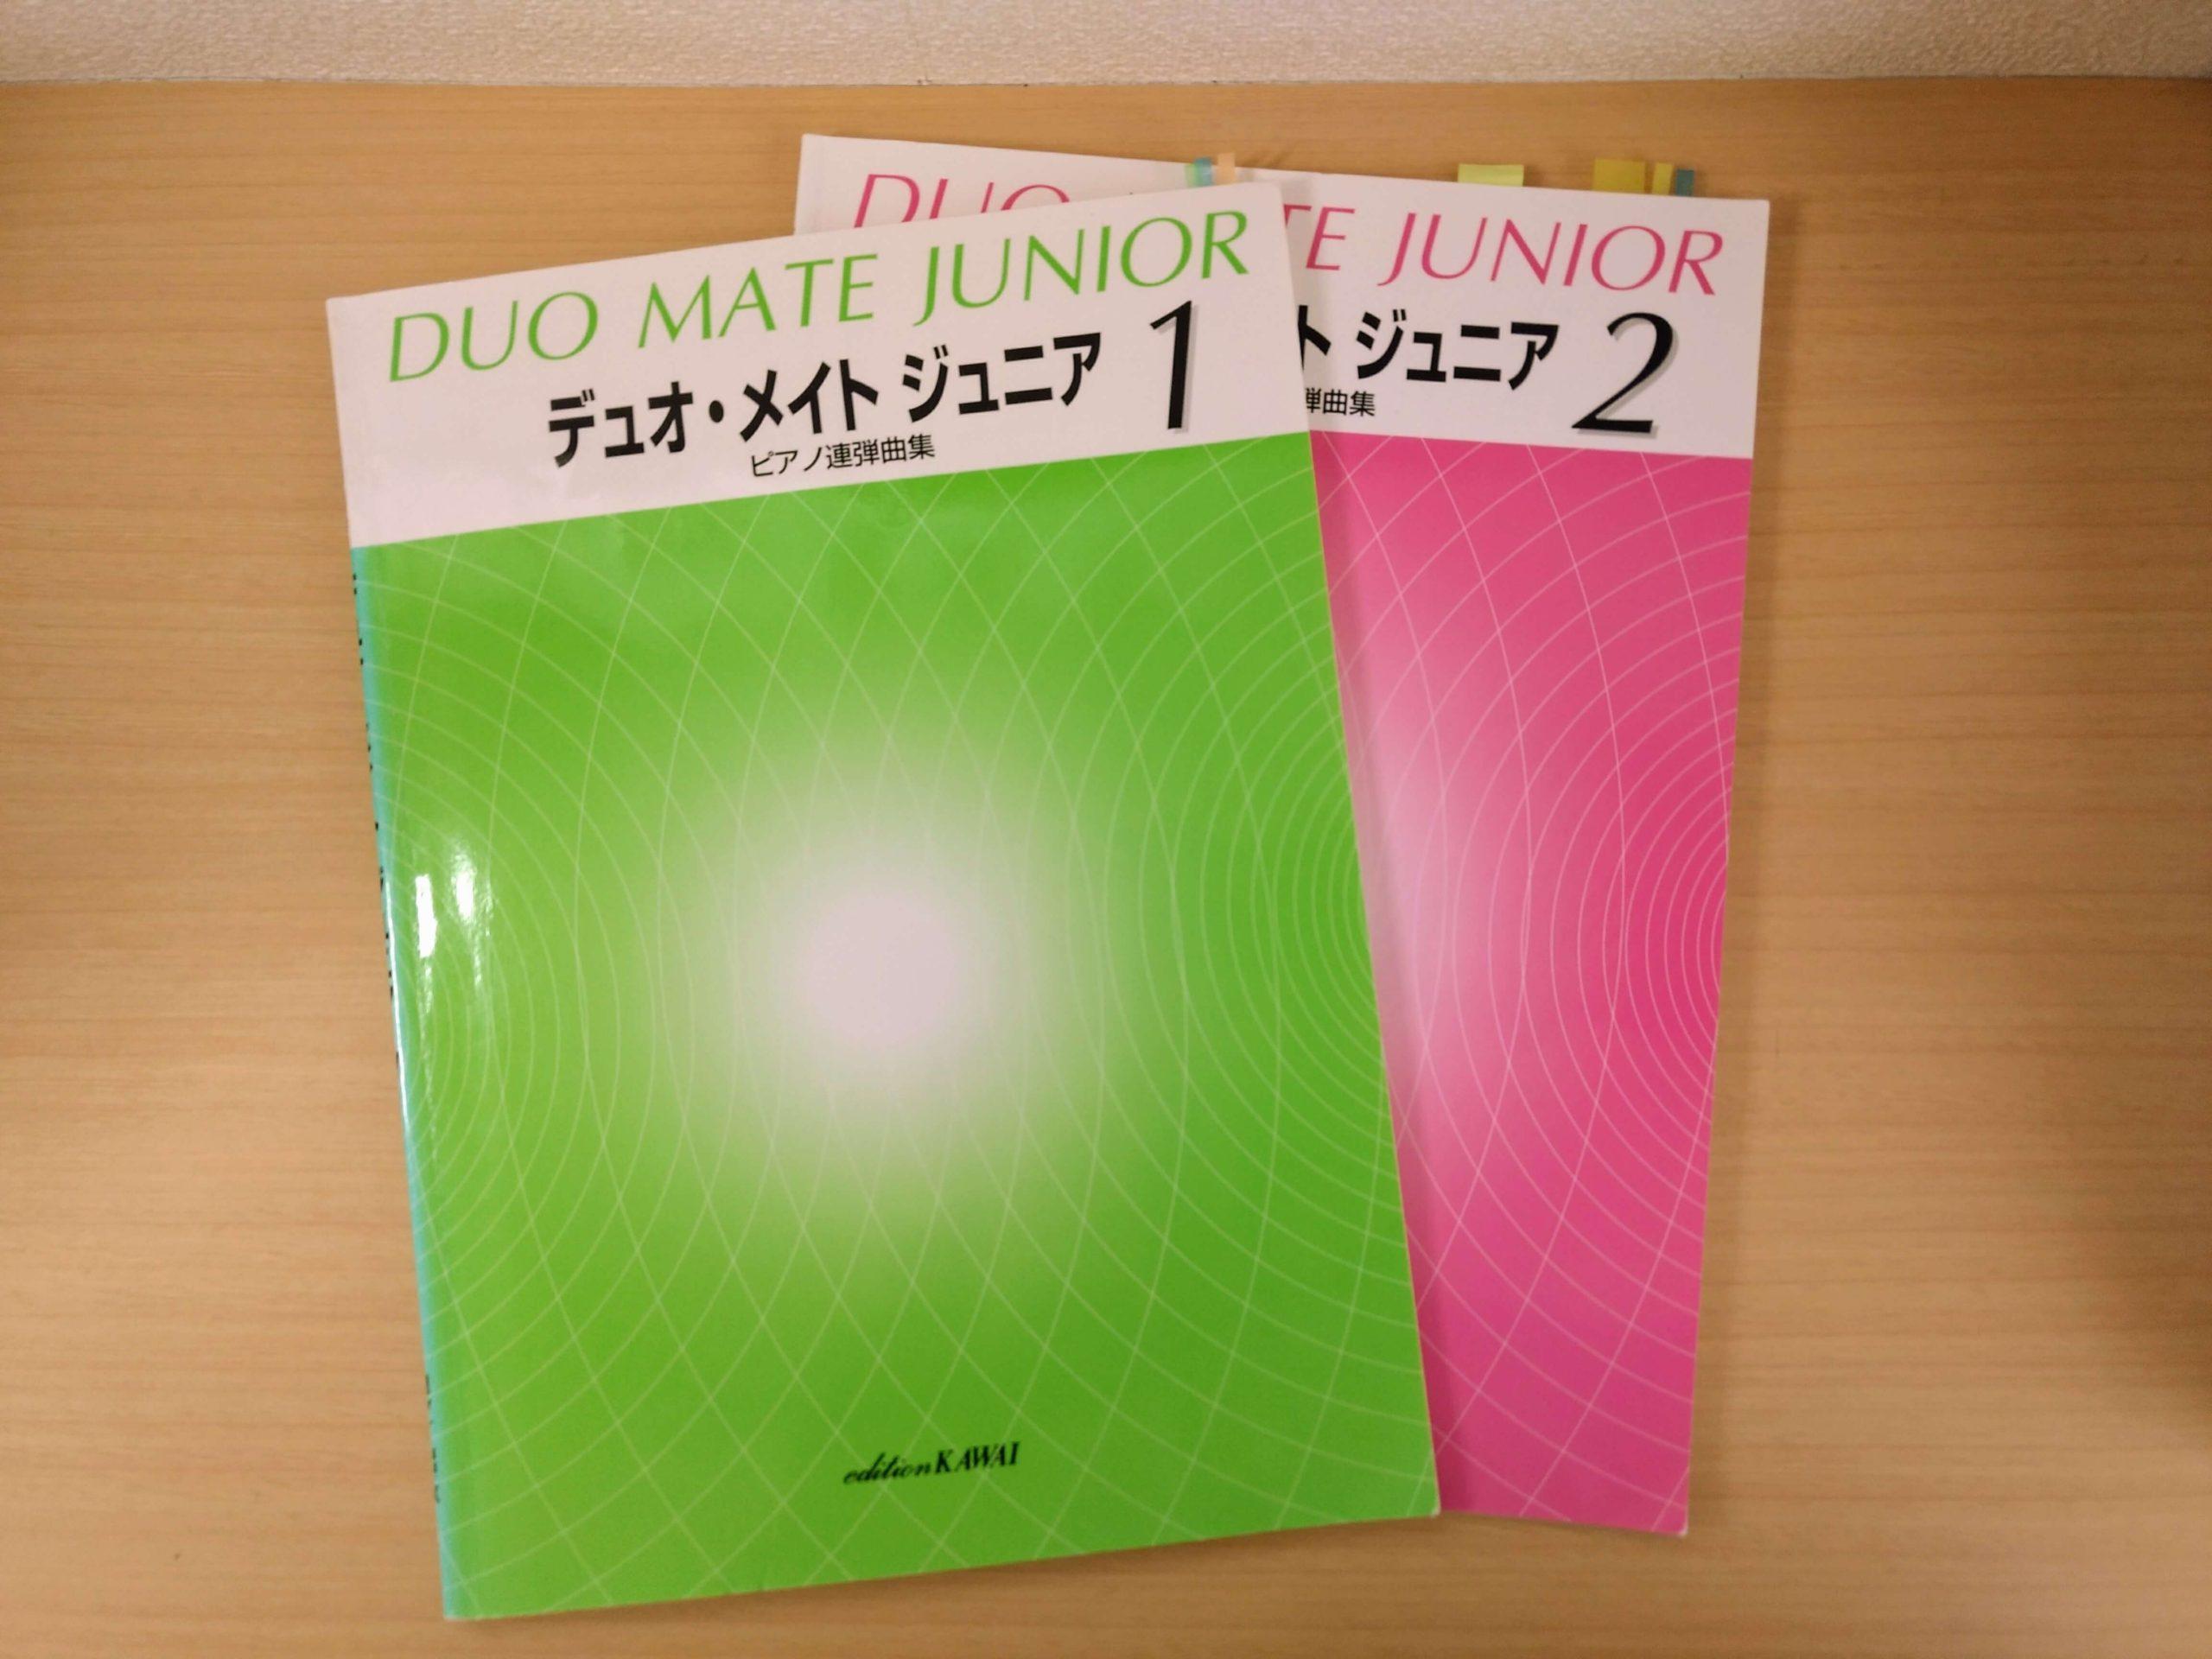 デュオメイトジュニア1と2の楽譜の画像